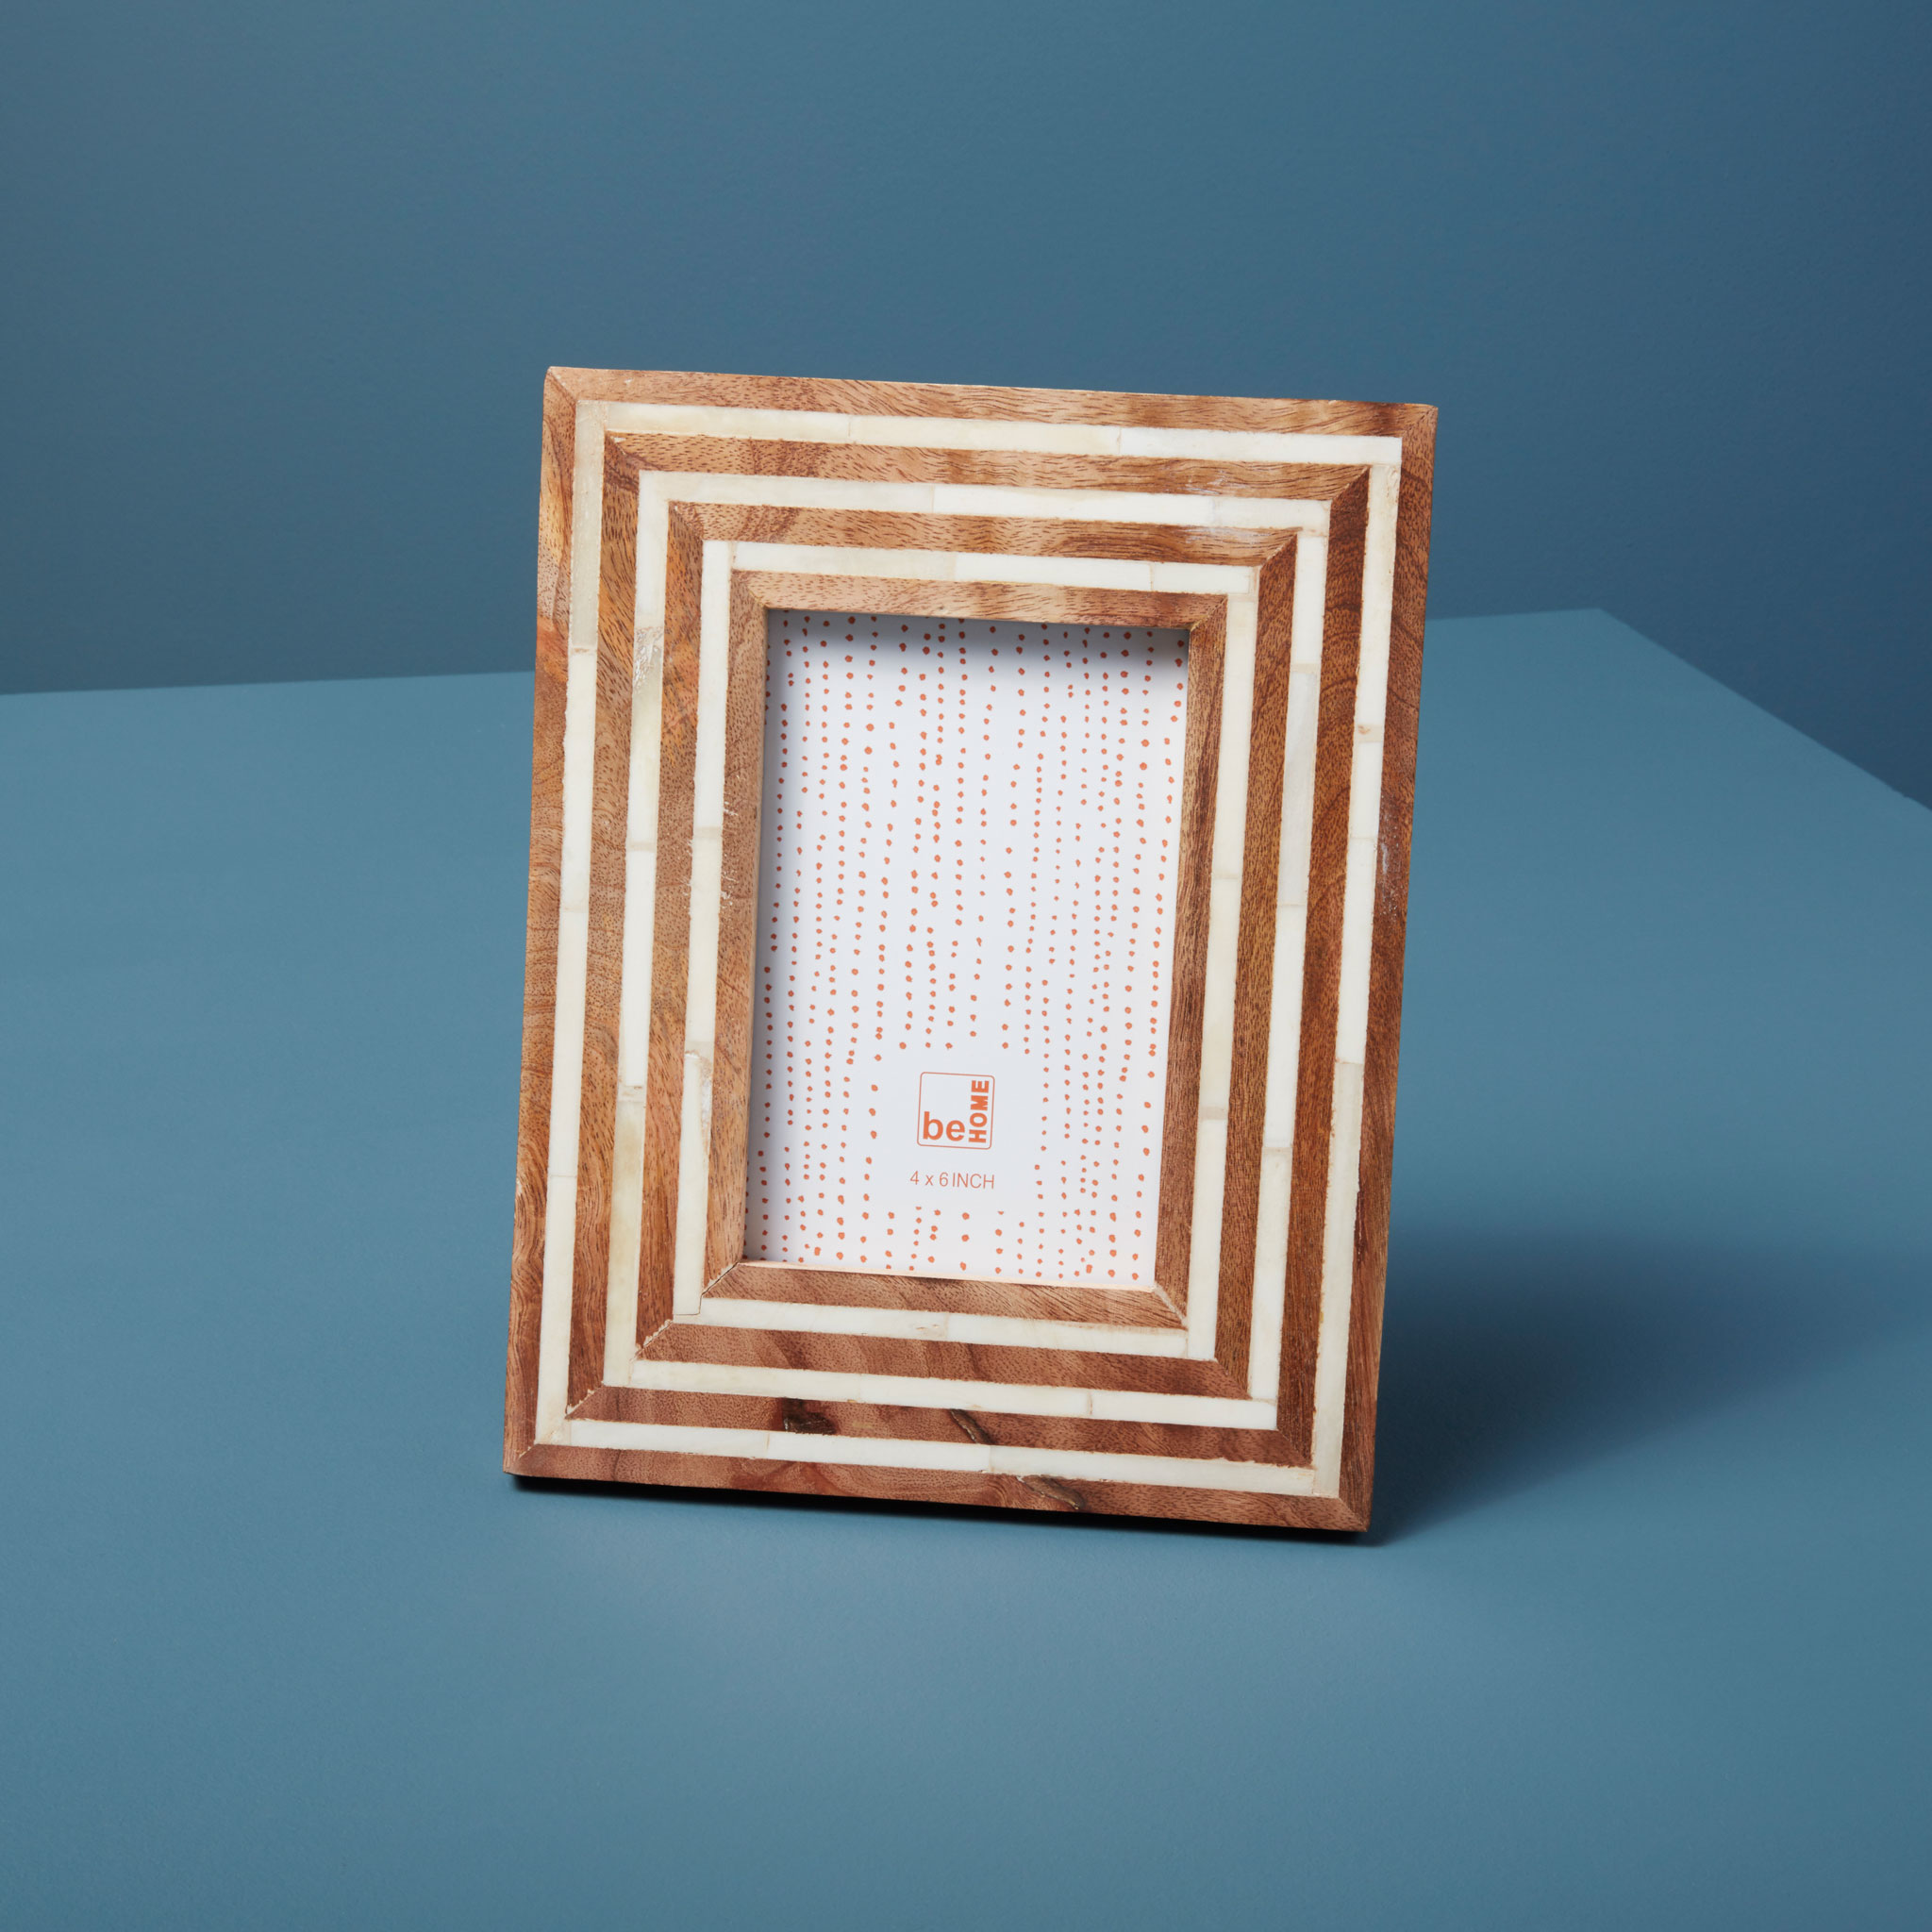 Be-Home_Wood-and-Bone-Striped-Frame_87-50